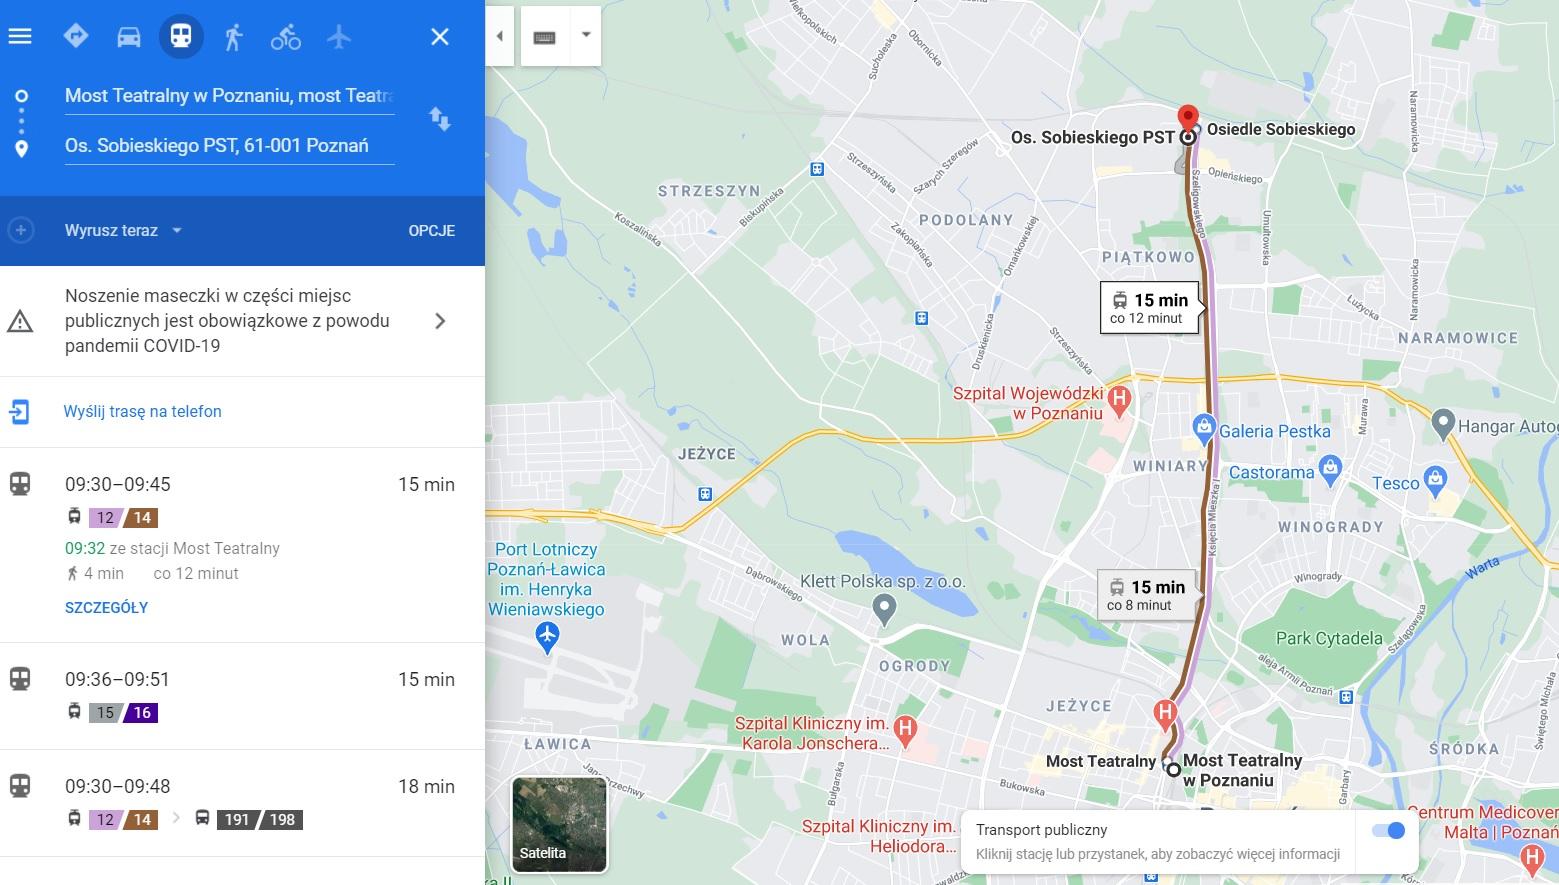 komunikacja w google maps - Google Maps